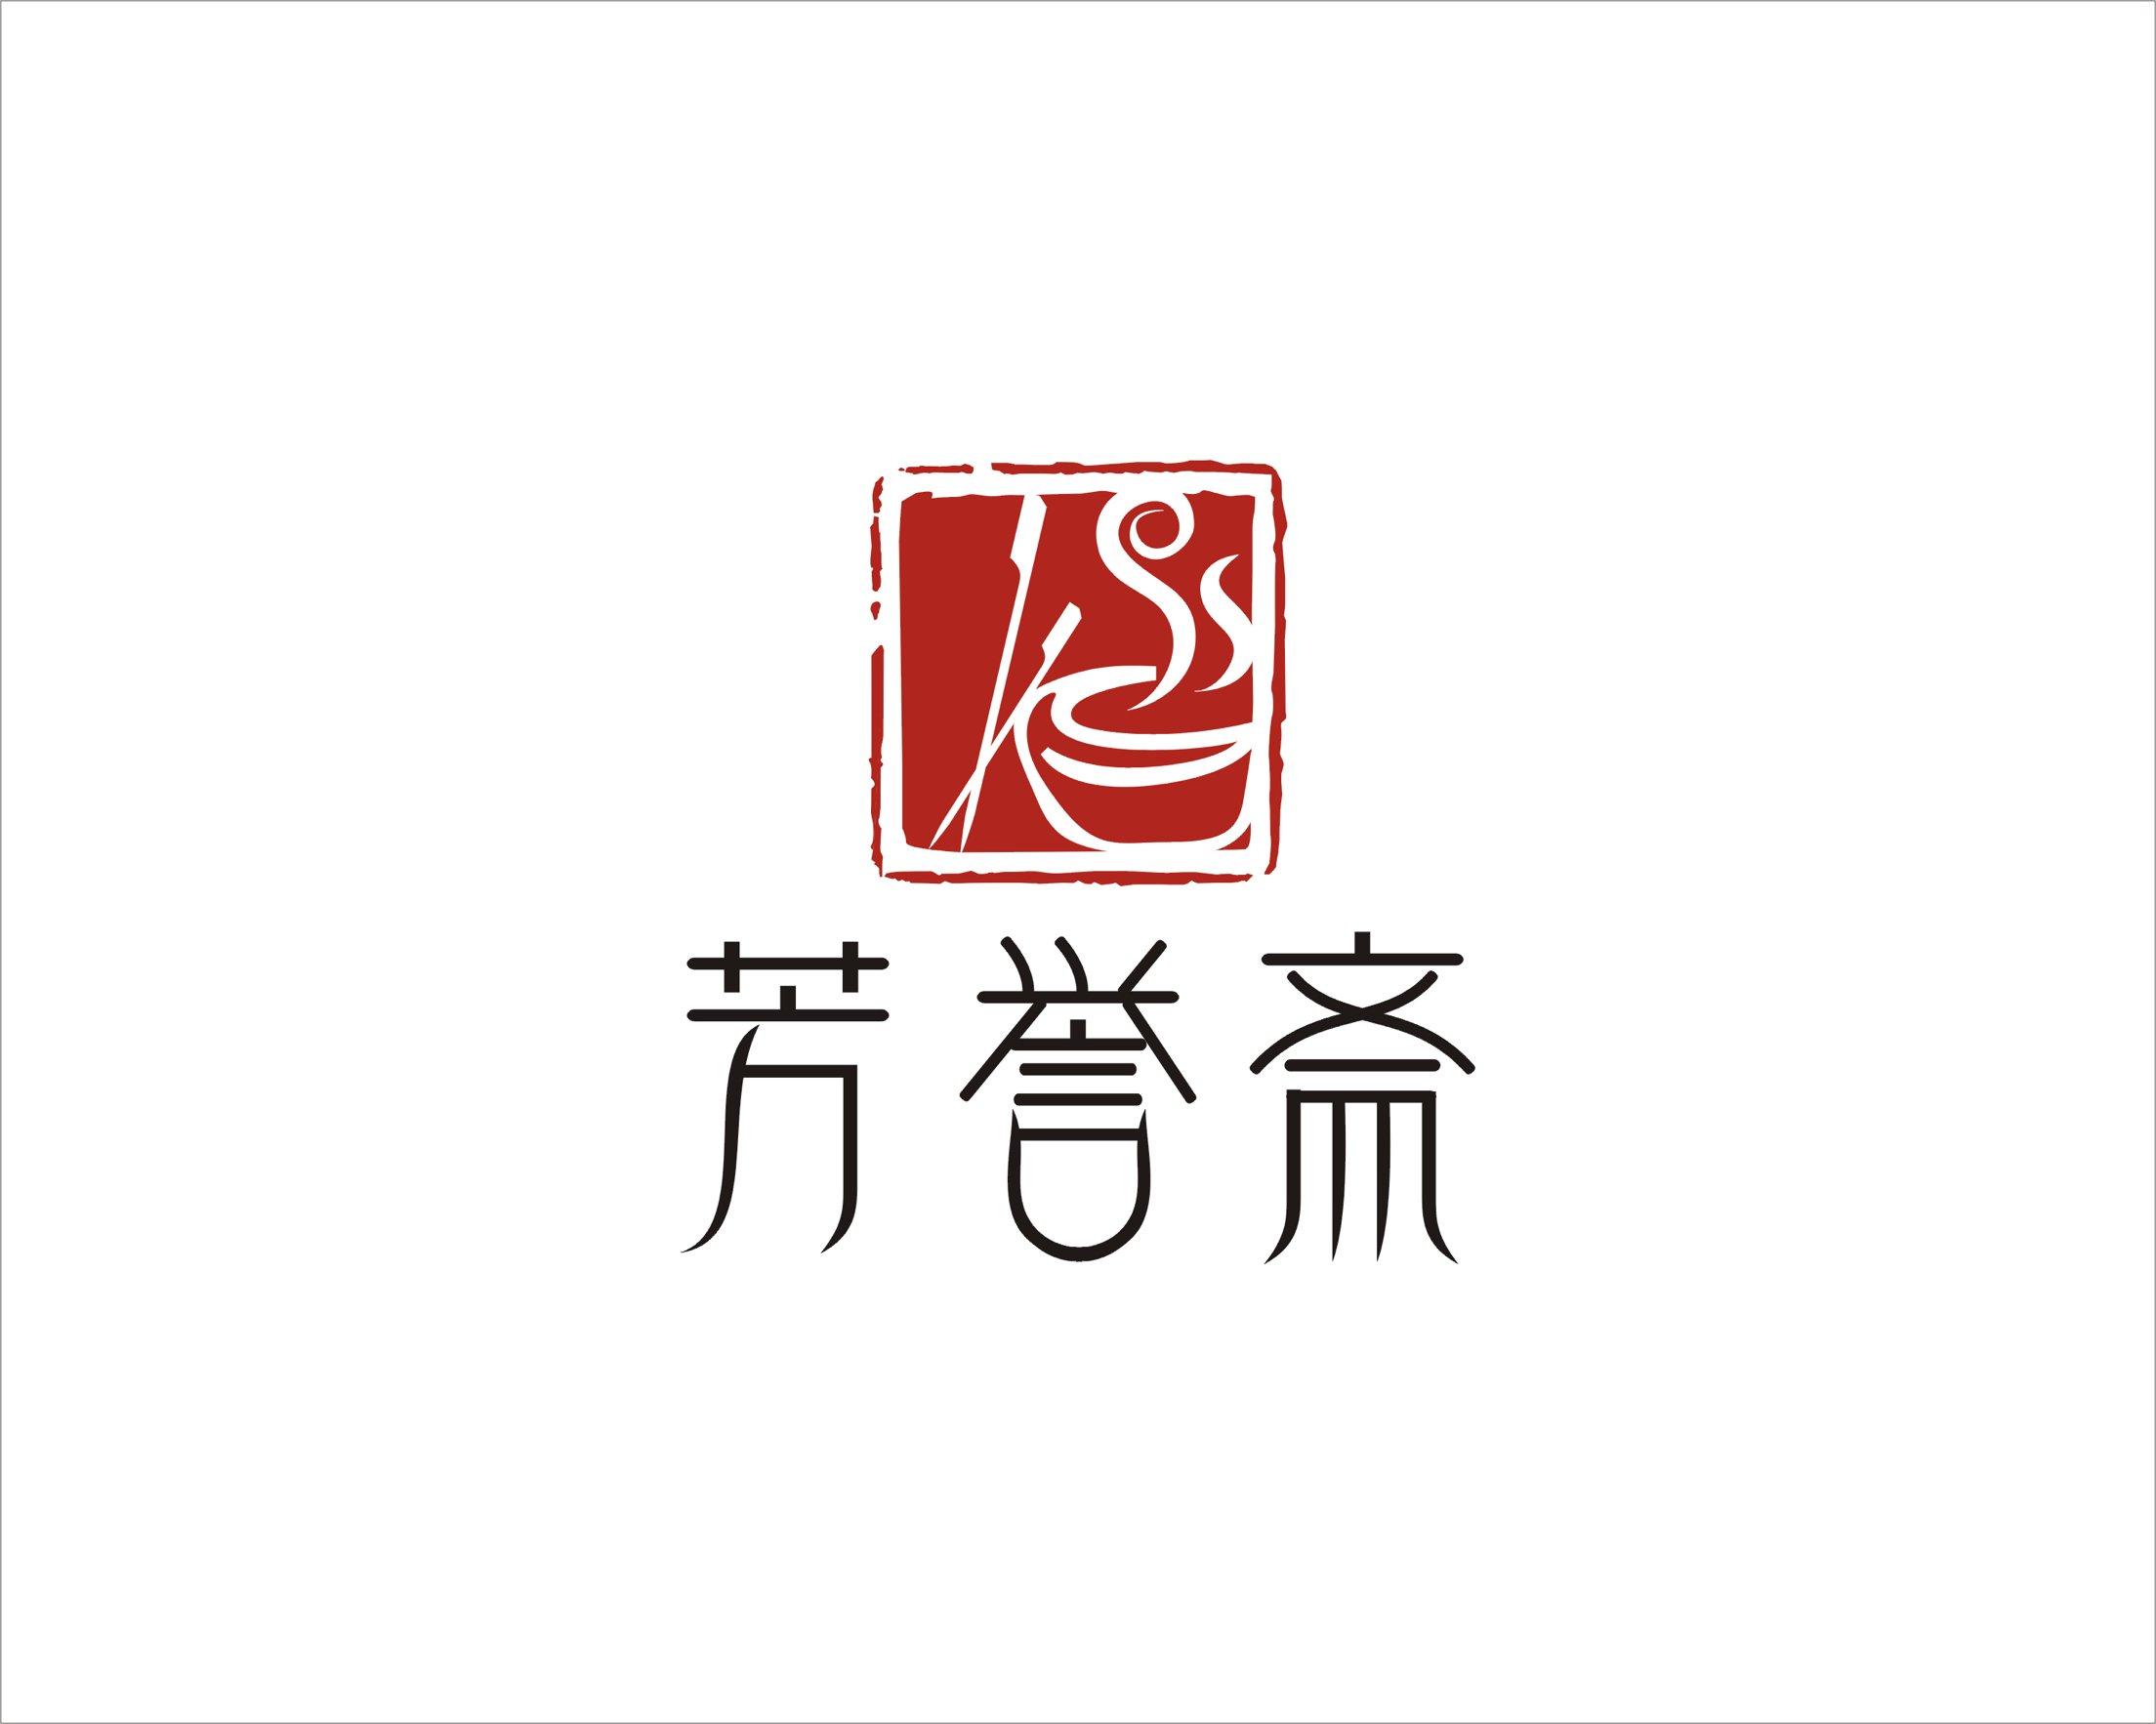 芳誉斋豆皮涮牛肚团购_海淀区火锅_百度糯米北京站